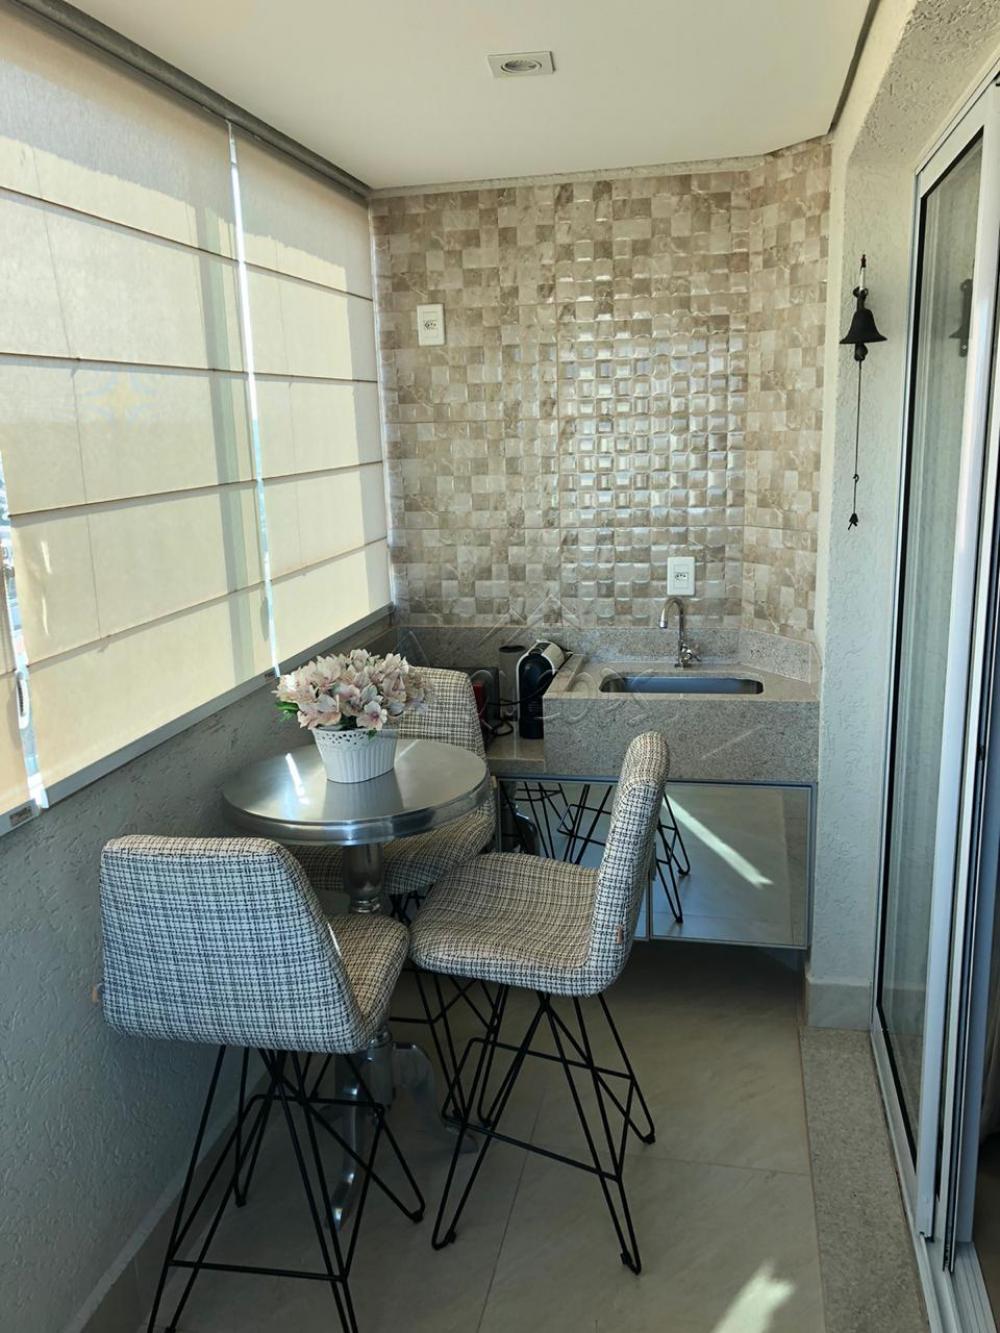 Comprar Apartamento / Padrão em Barretos apenas R$ 700.000,00 - Foto 32